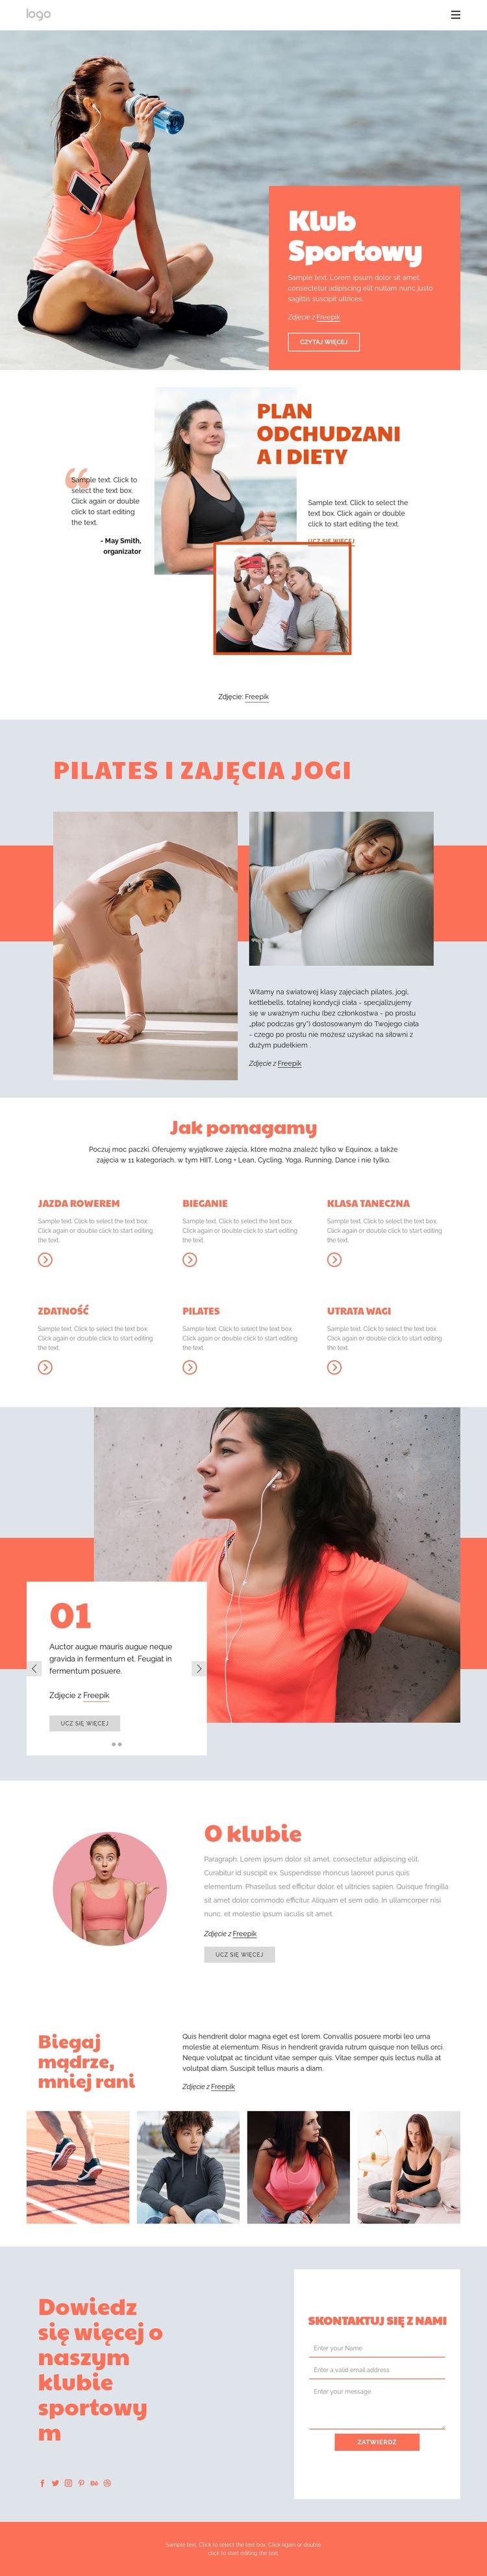 Pilates vs joga Szablon witryny sieci Web